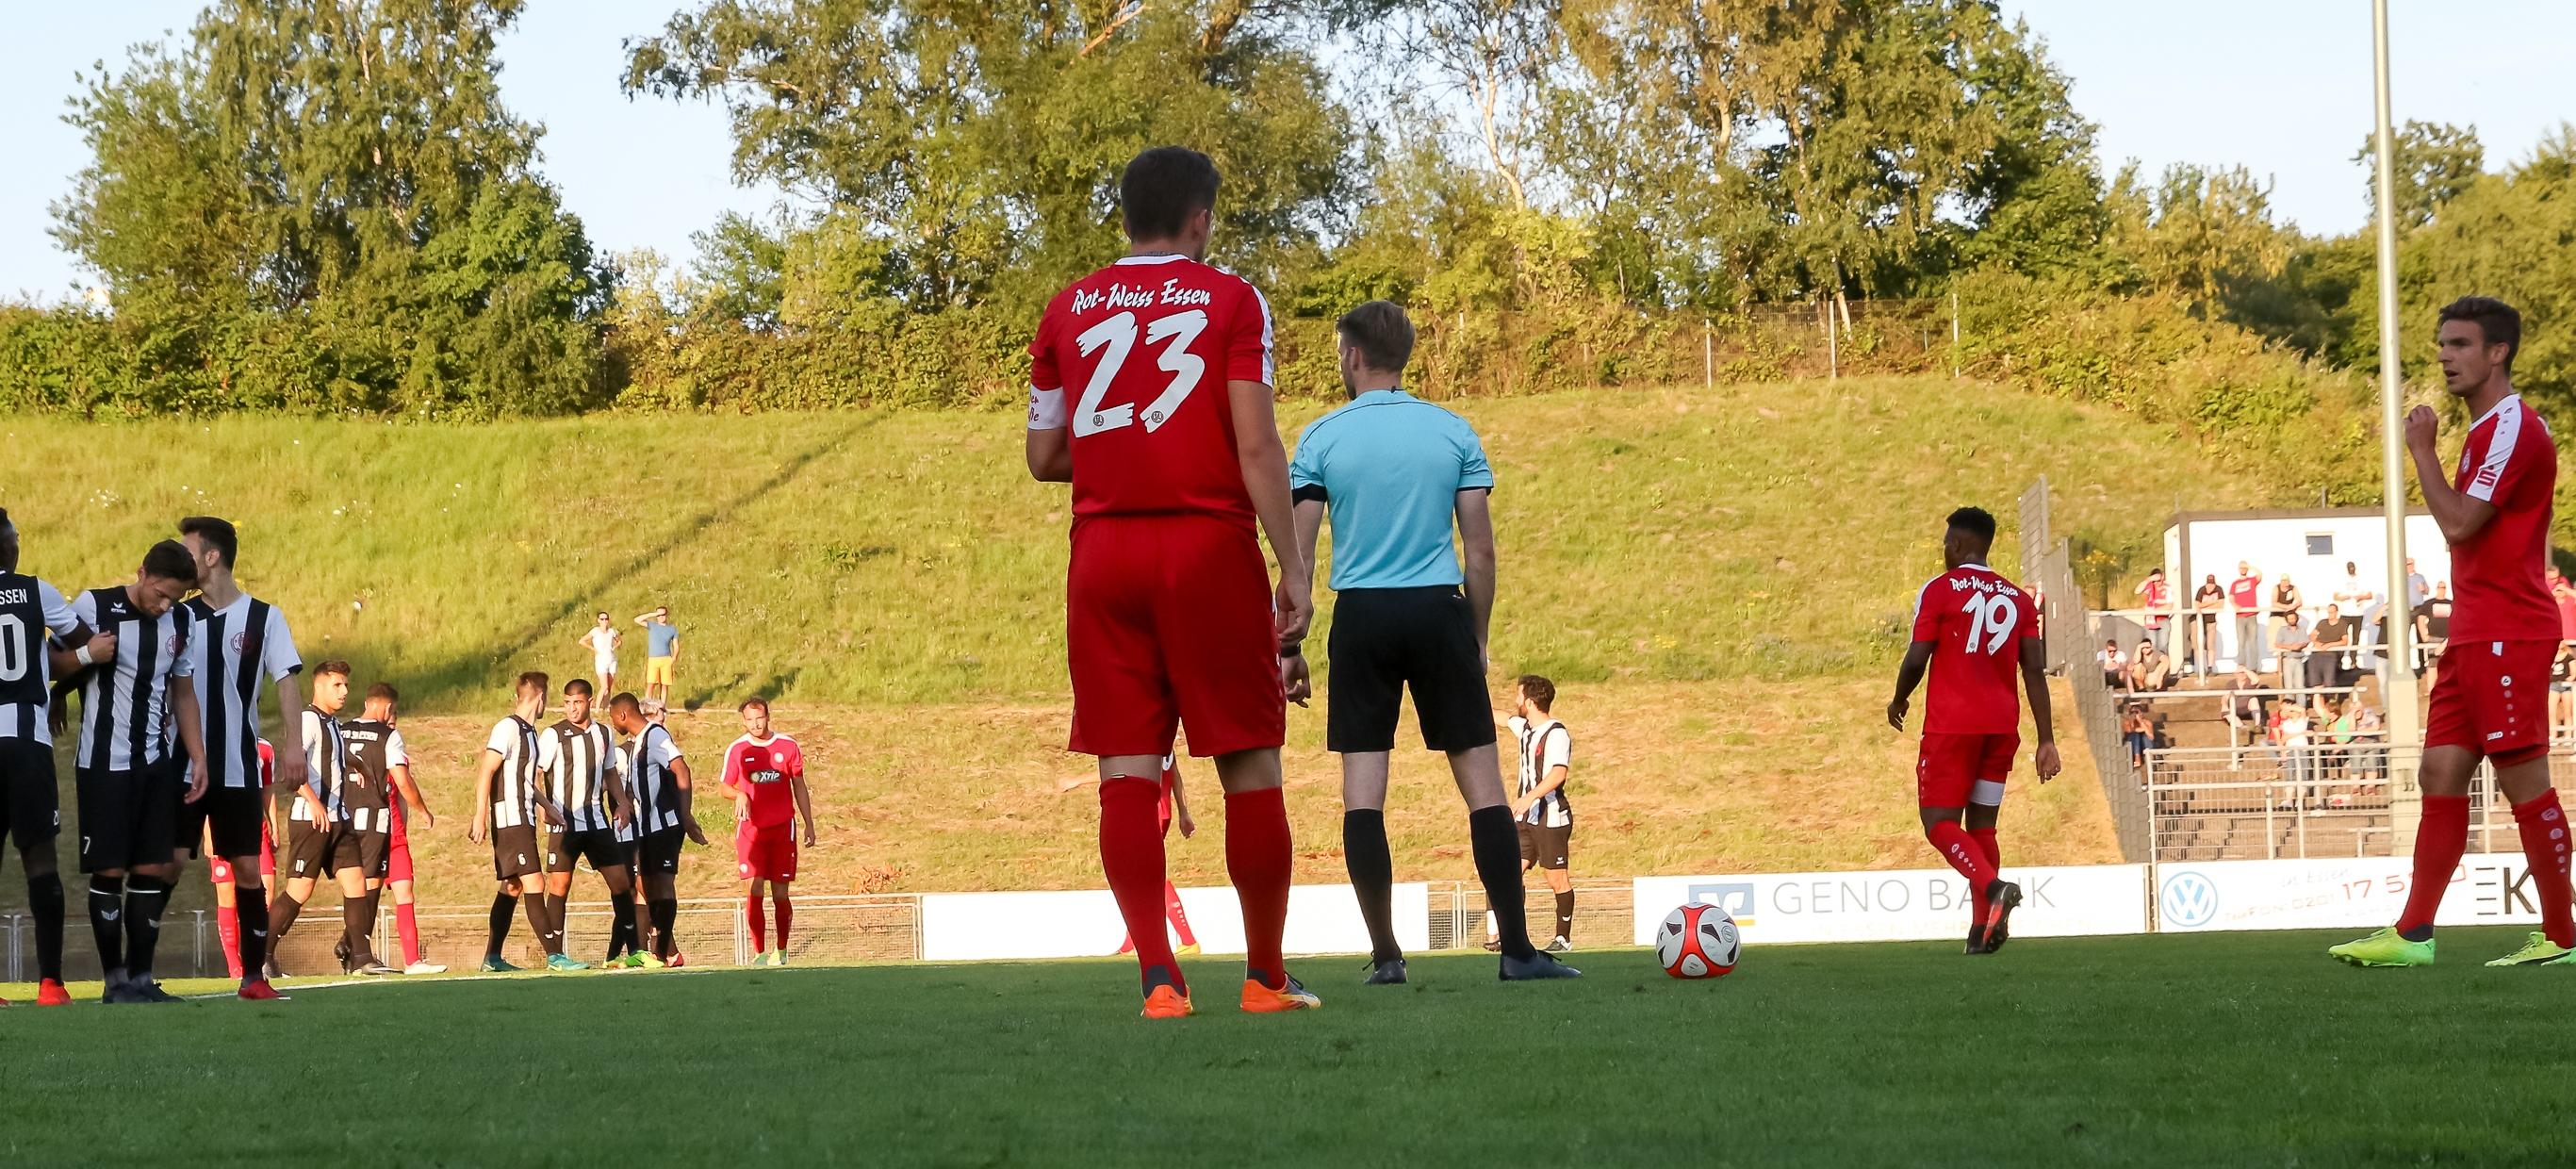 Bei der U21 des 1. FC Köln gewannen die Rot-Weissen mit 2:1. (Foto: Endberg)